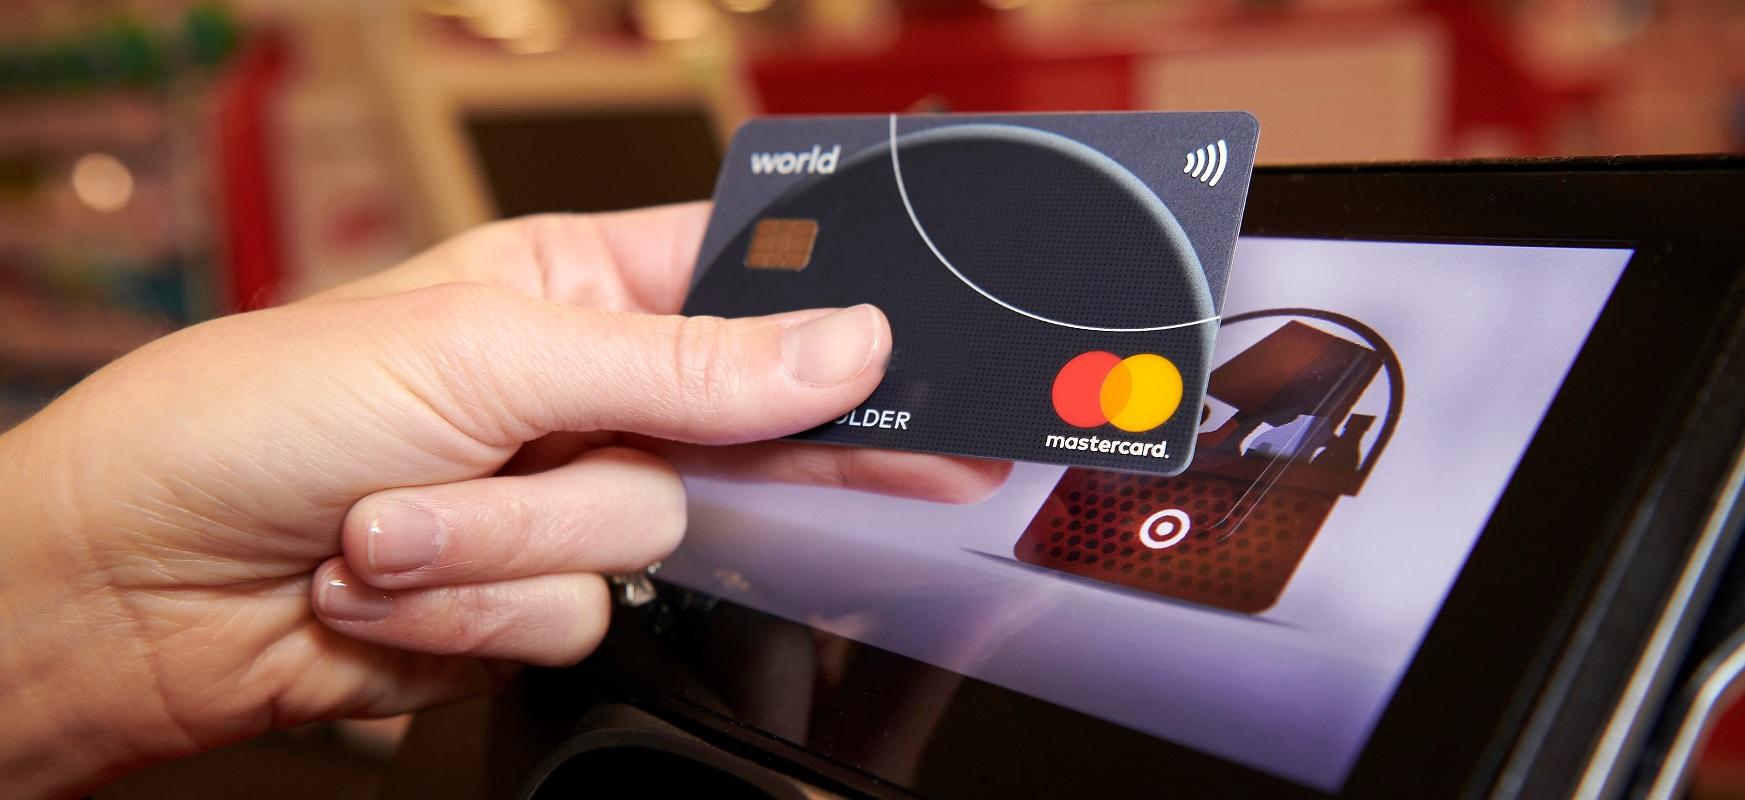 Mastercard-ek eta Vizak muga igotzen dute.  PIN gabe, PLN 100 ordainketarik gabeko ordainketak